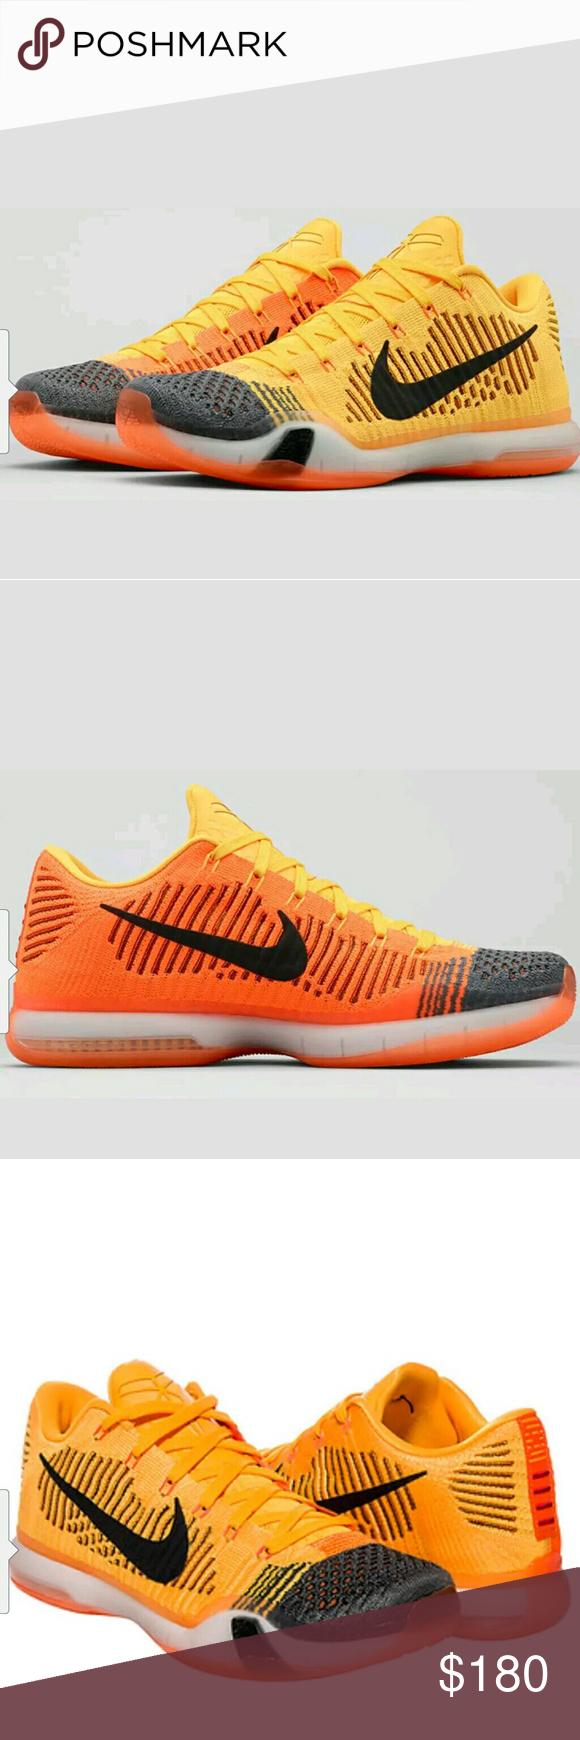 new concept 001ee c2976 Orange · Nike Kobe X 10 Elite Low Chester Cheetah Rare Kobe X 10 Elite Low  Chester The